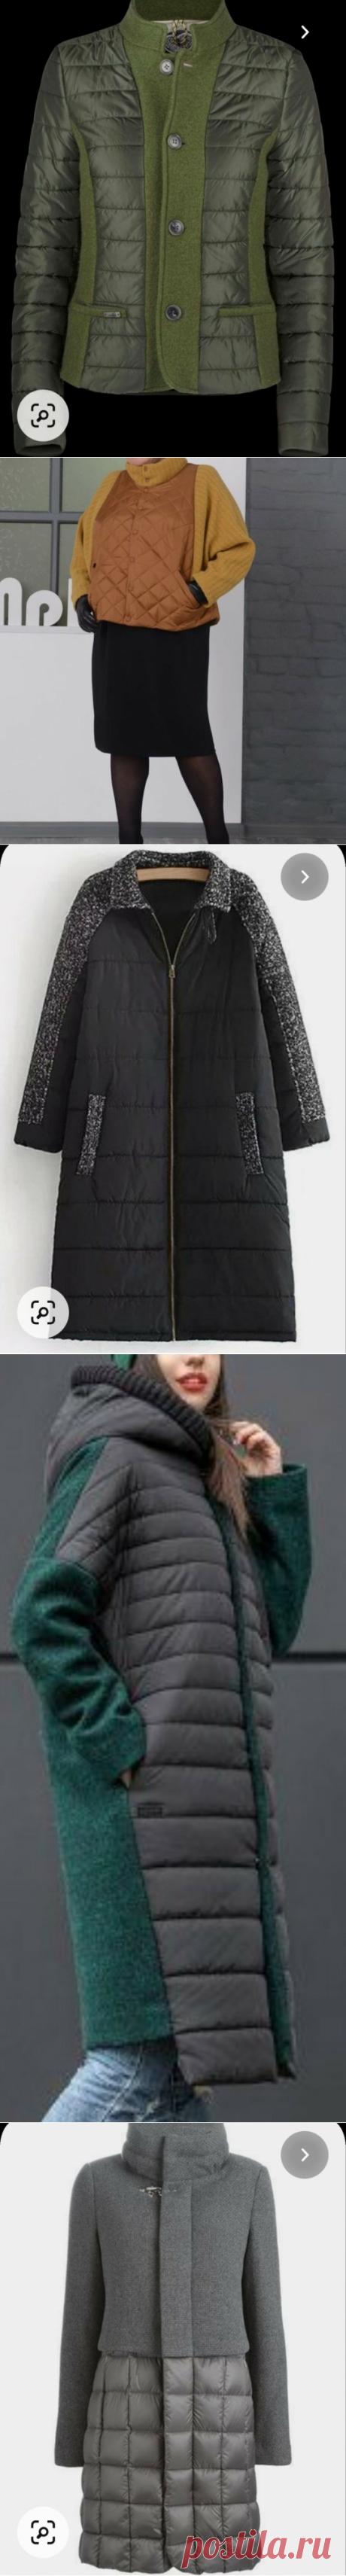 Вторая жизнь: пальто и куртки- 9 идей для переделки.   Провинциалка в теме   Яндекс Дзен